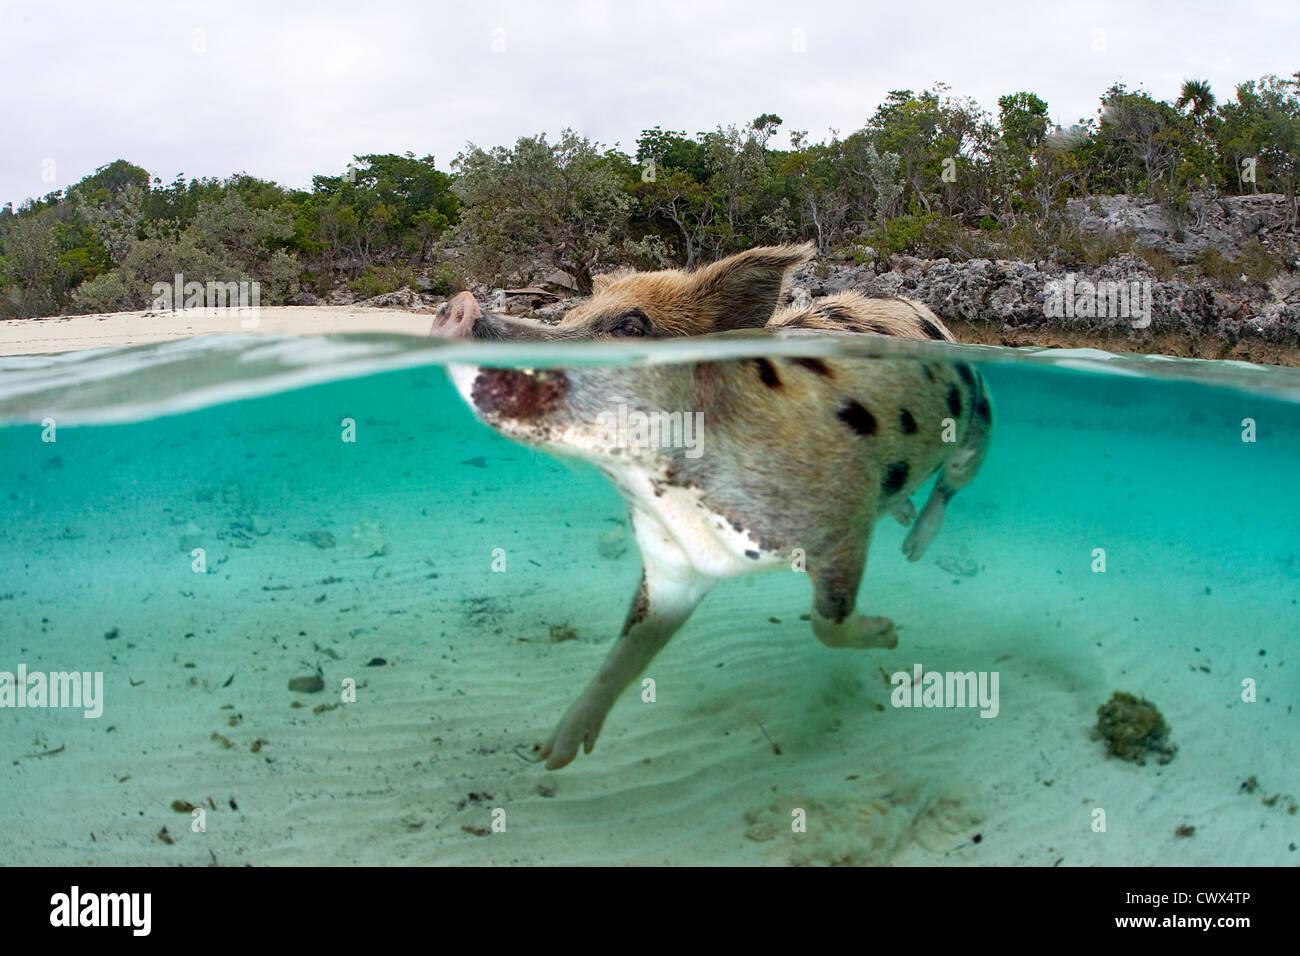 Un suino selvatico nuota nelle acque cristalline delle Bahamas a Staniel Cay per salutare una barca piena di turisti. Immagini Stock